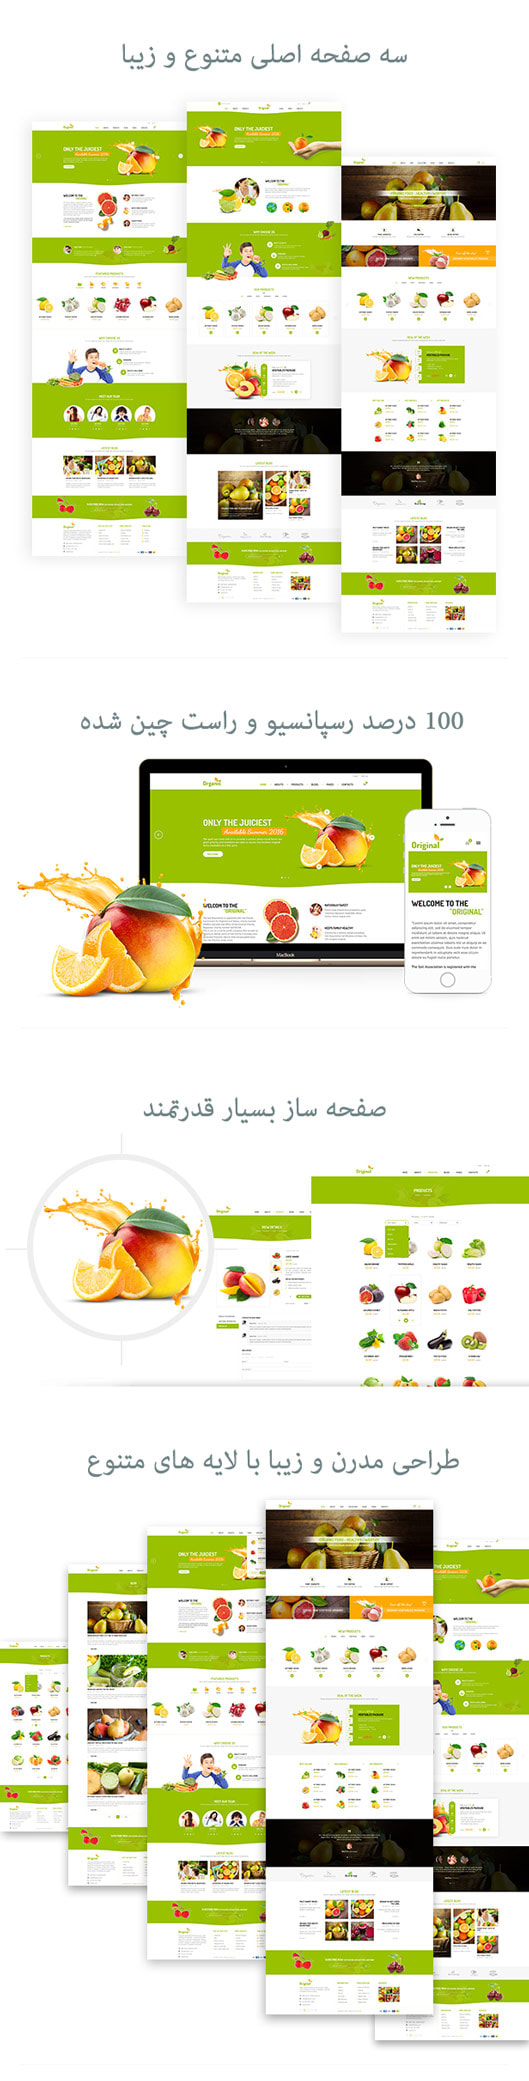 قالب Organica | قالب فروشگاهی Organica | قالب وردپرس Organica